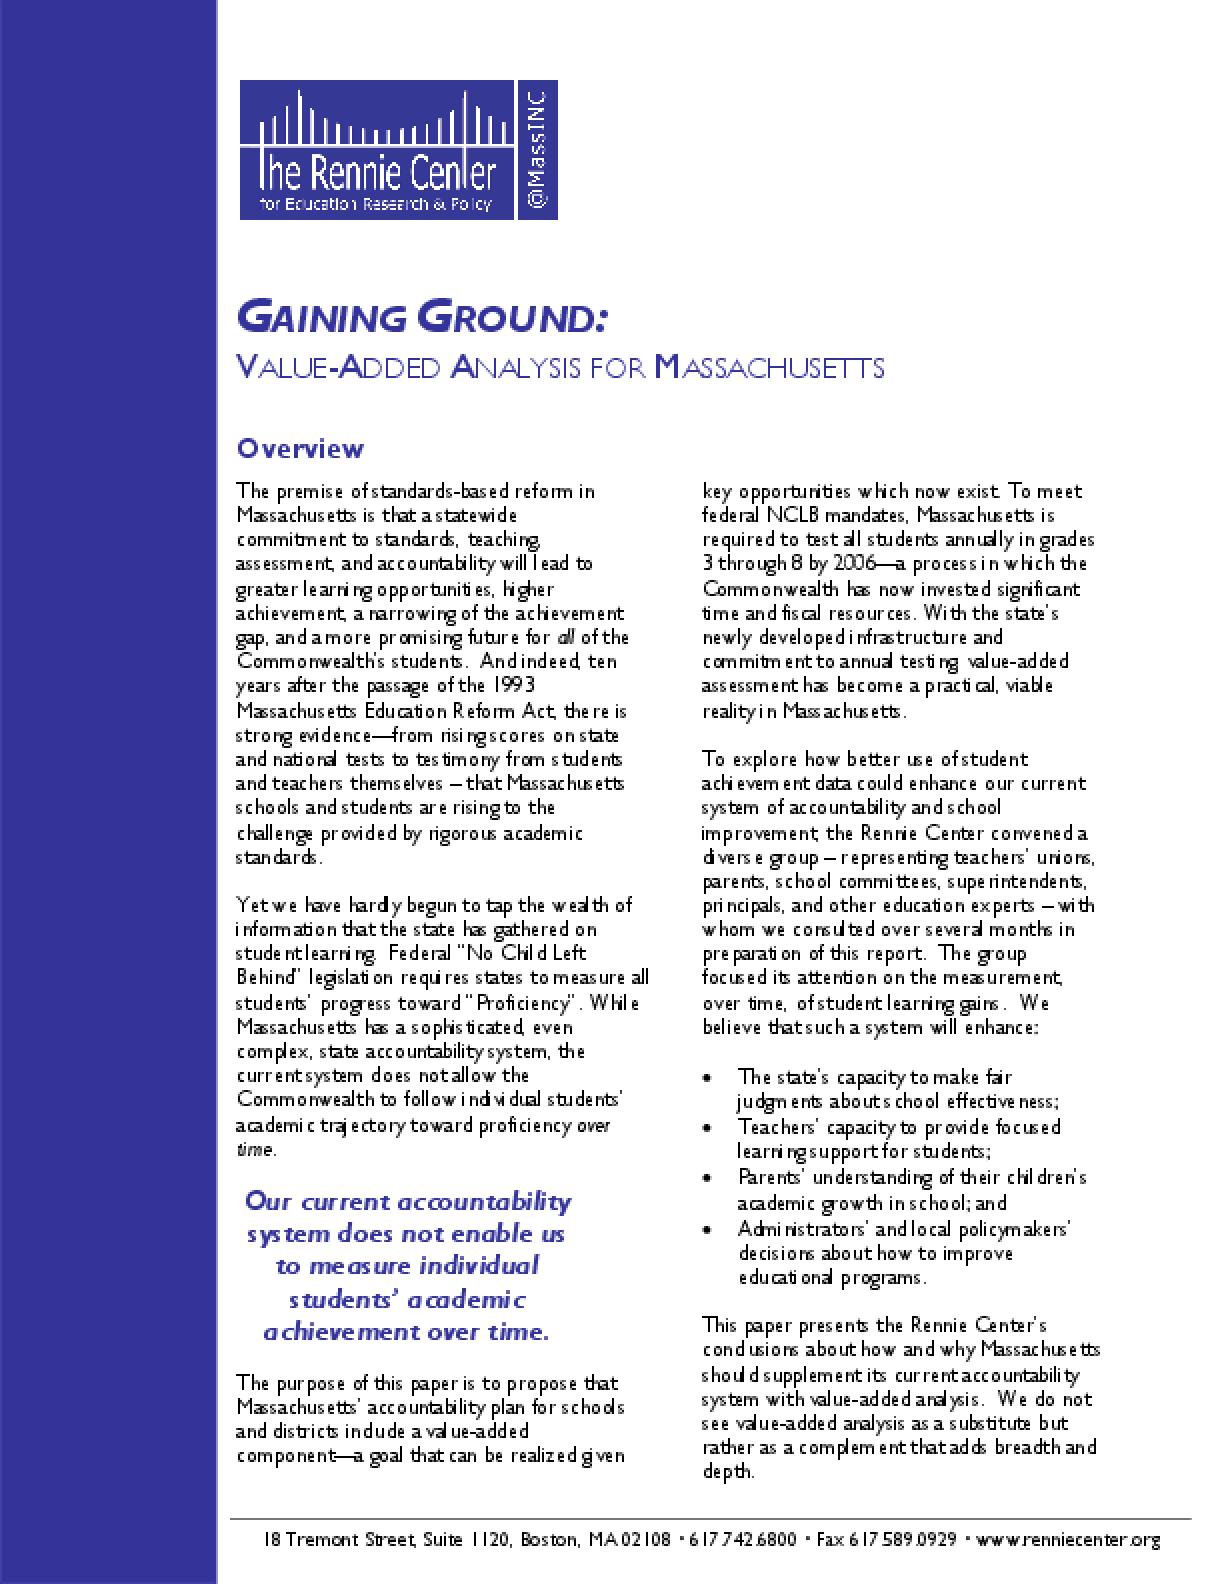 Gaining Ground: Value-Added Analysis for Massachusetts